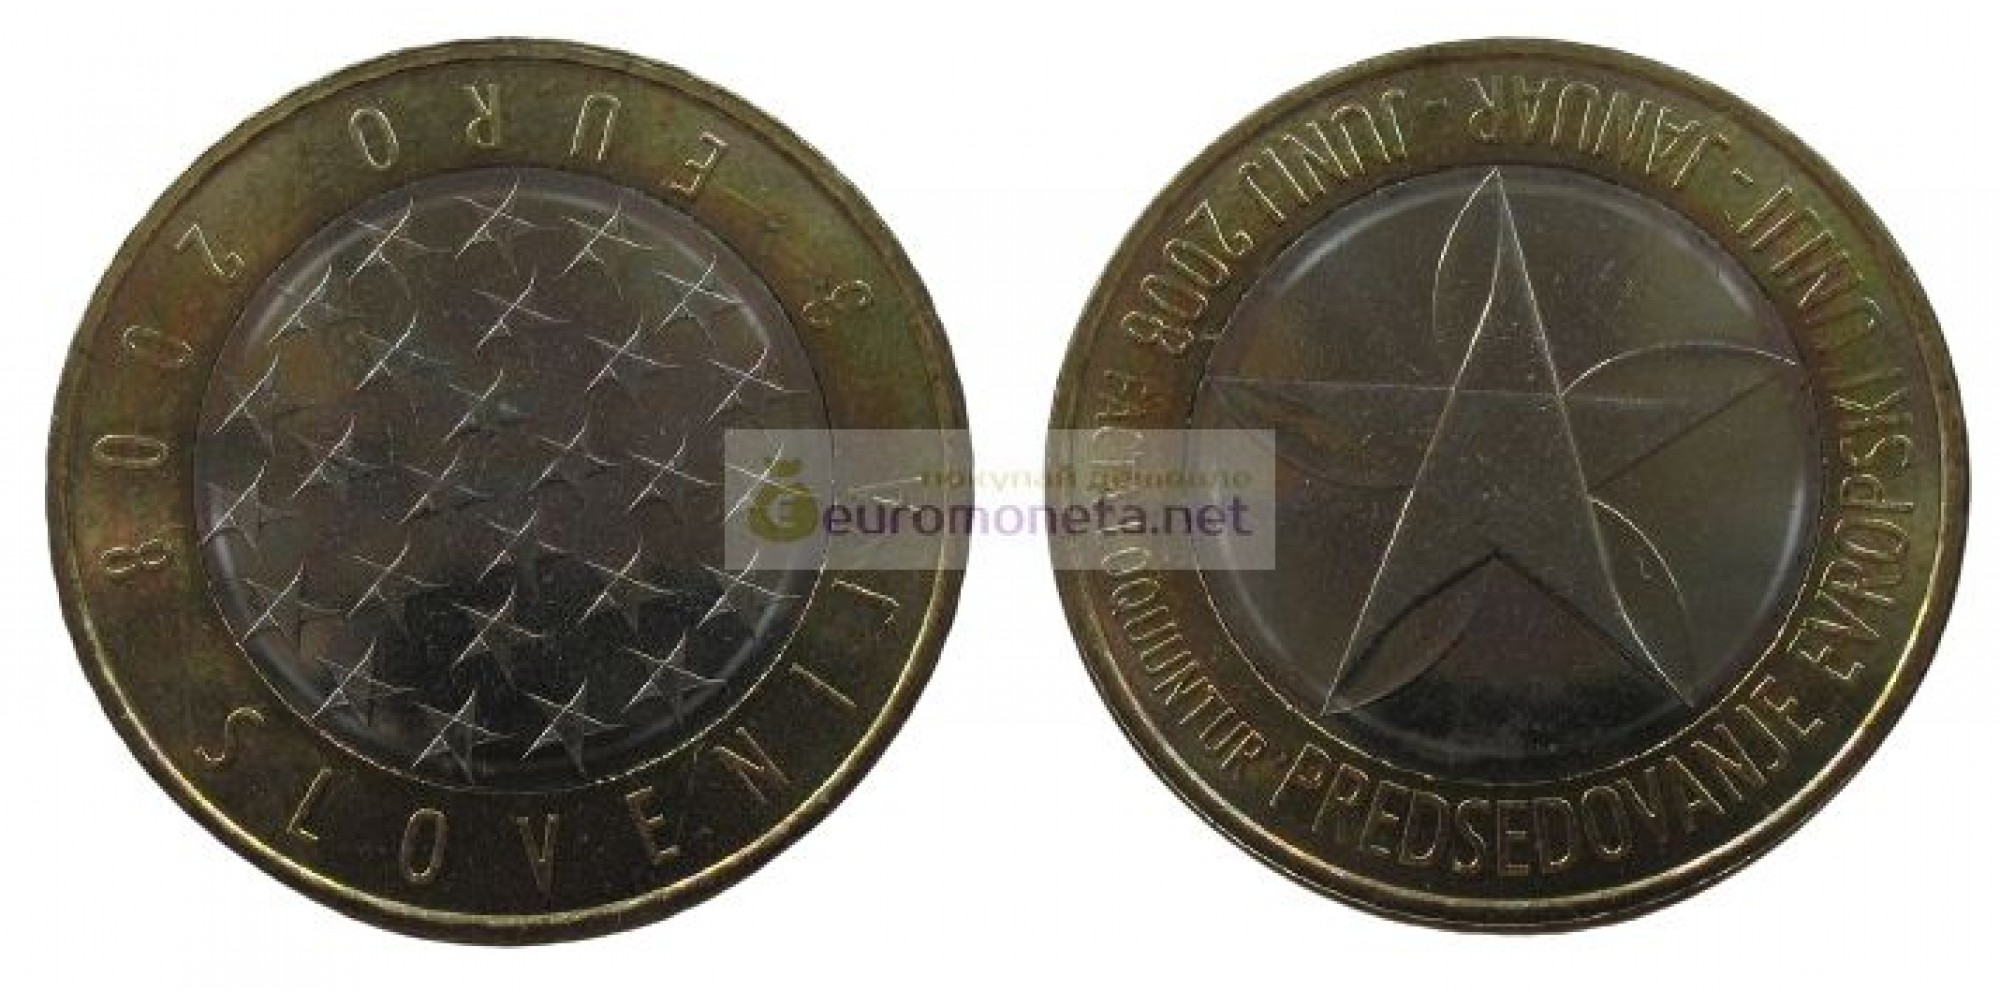 Словения 3 евро 2008 год. Председательство Словении в Совете Европейского союза. АЦ из ролла